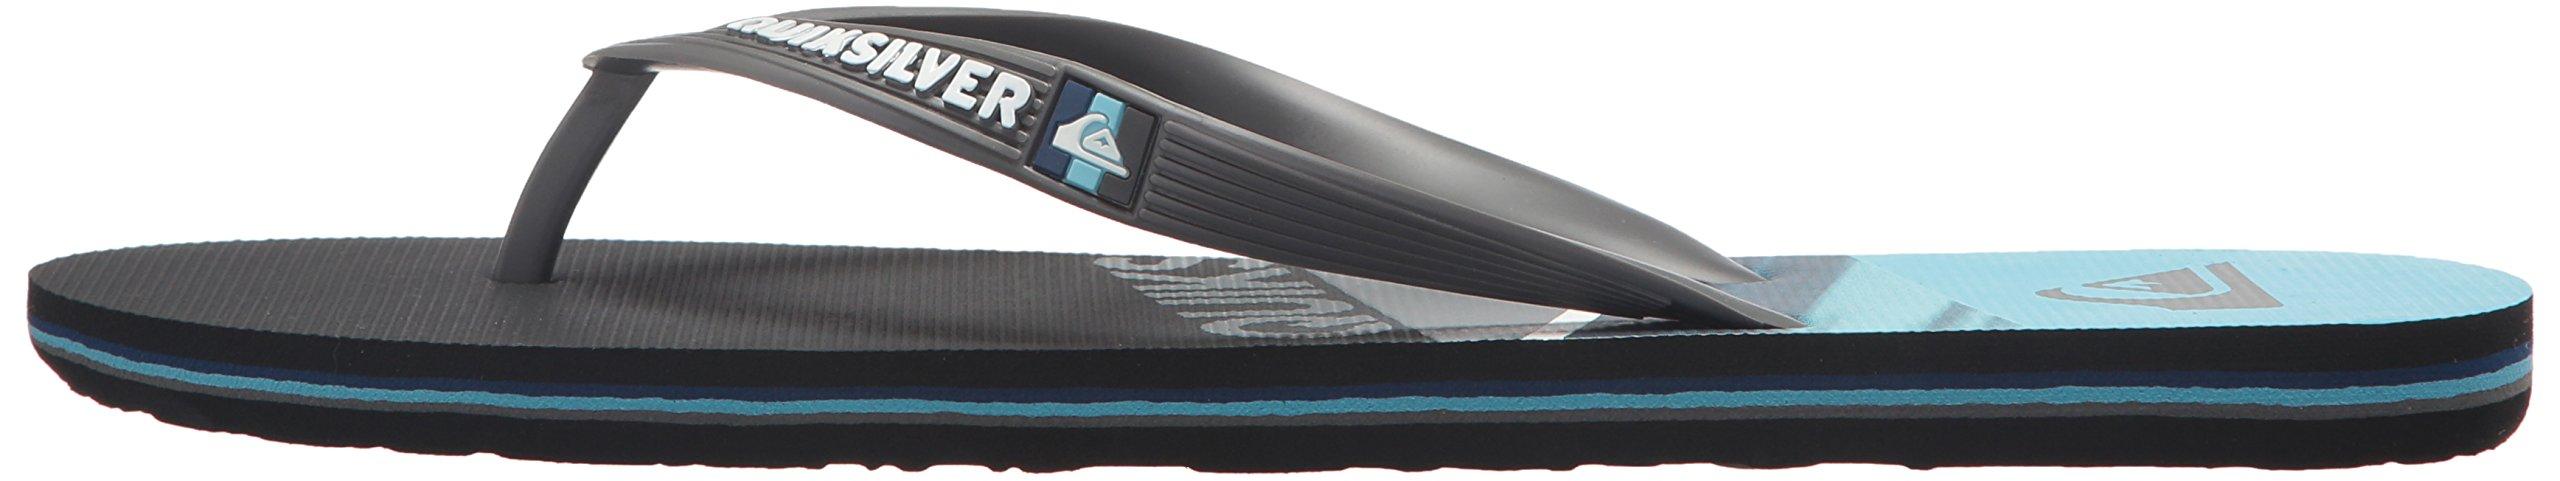 Quiksilver Men's Molokai Slash Sandal, Black/Grey/Blue, 6 D US by Quiksilver (Image #5)